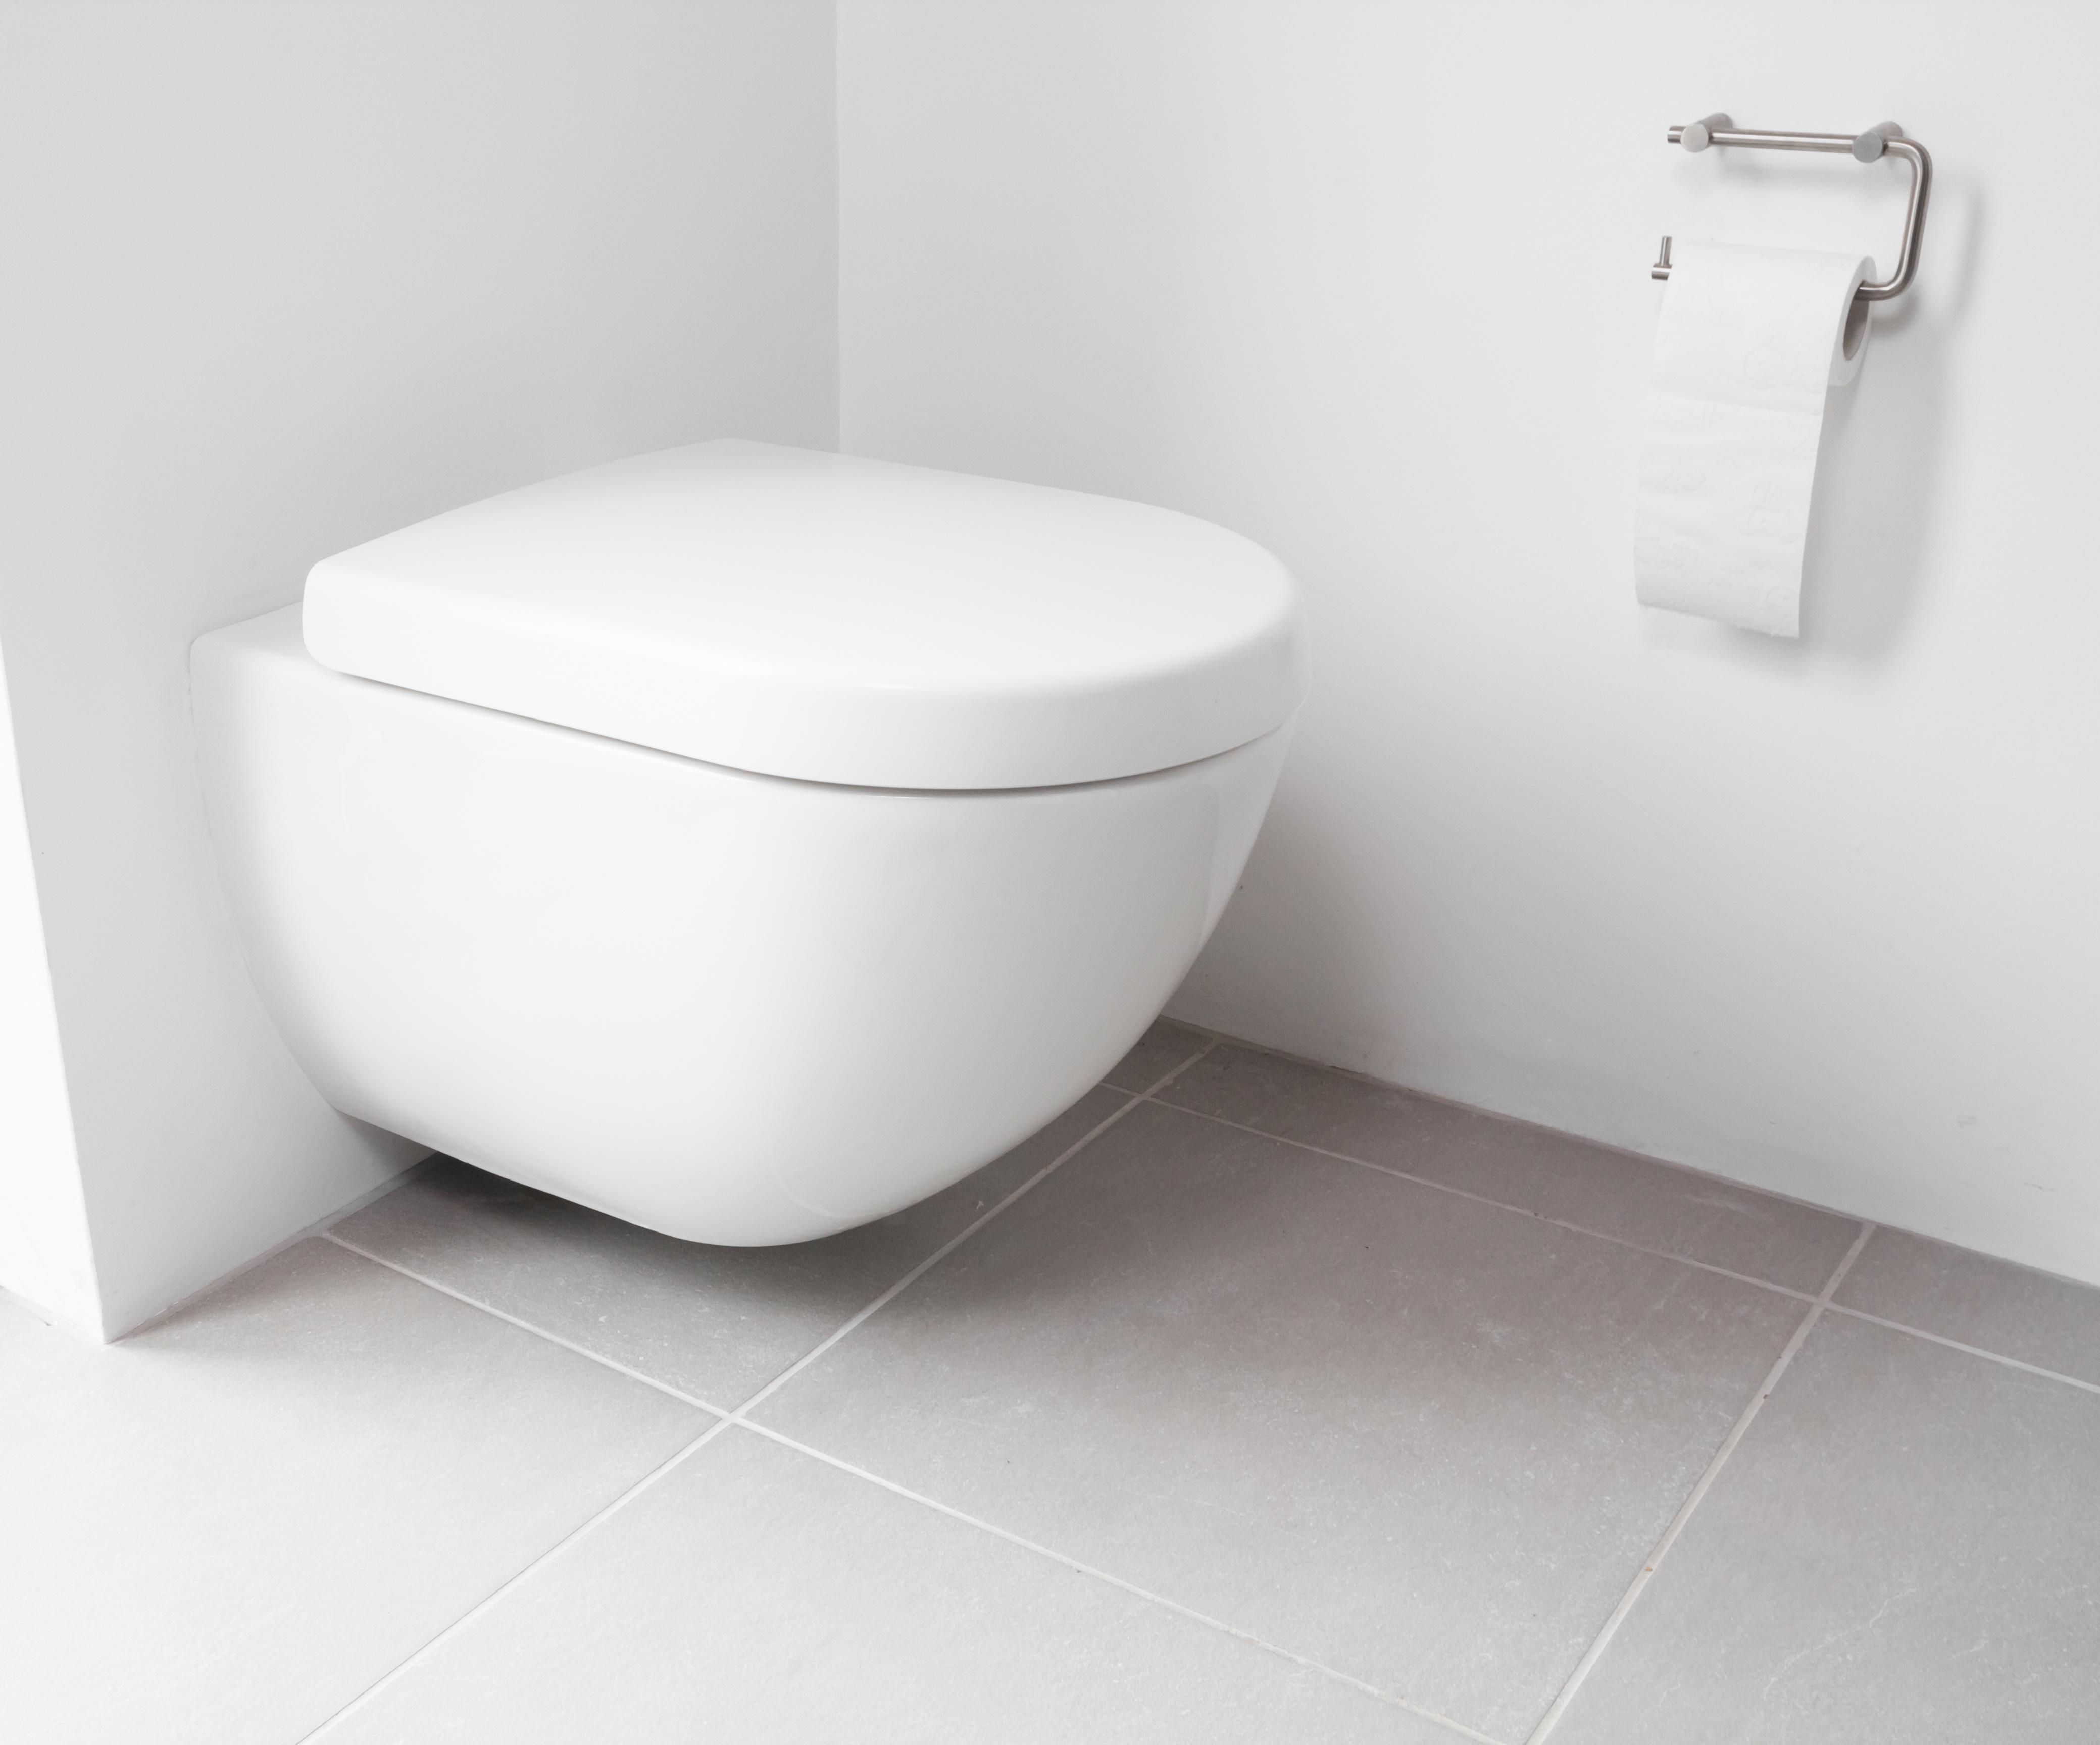 toilette moderne table de toilette moderne avec un grand. Black Bedroom Furniture Sets. Home Design Ideas